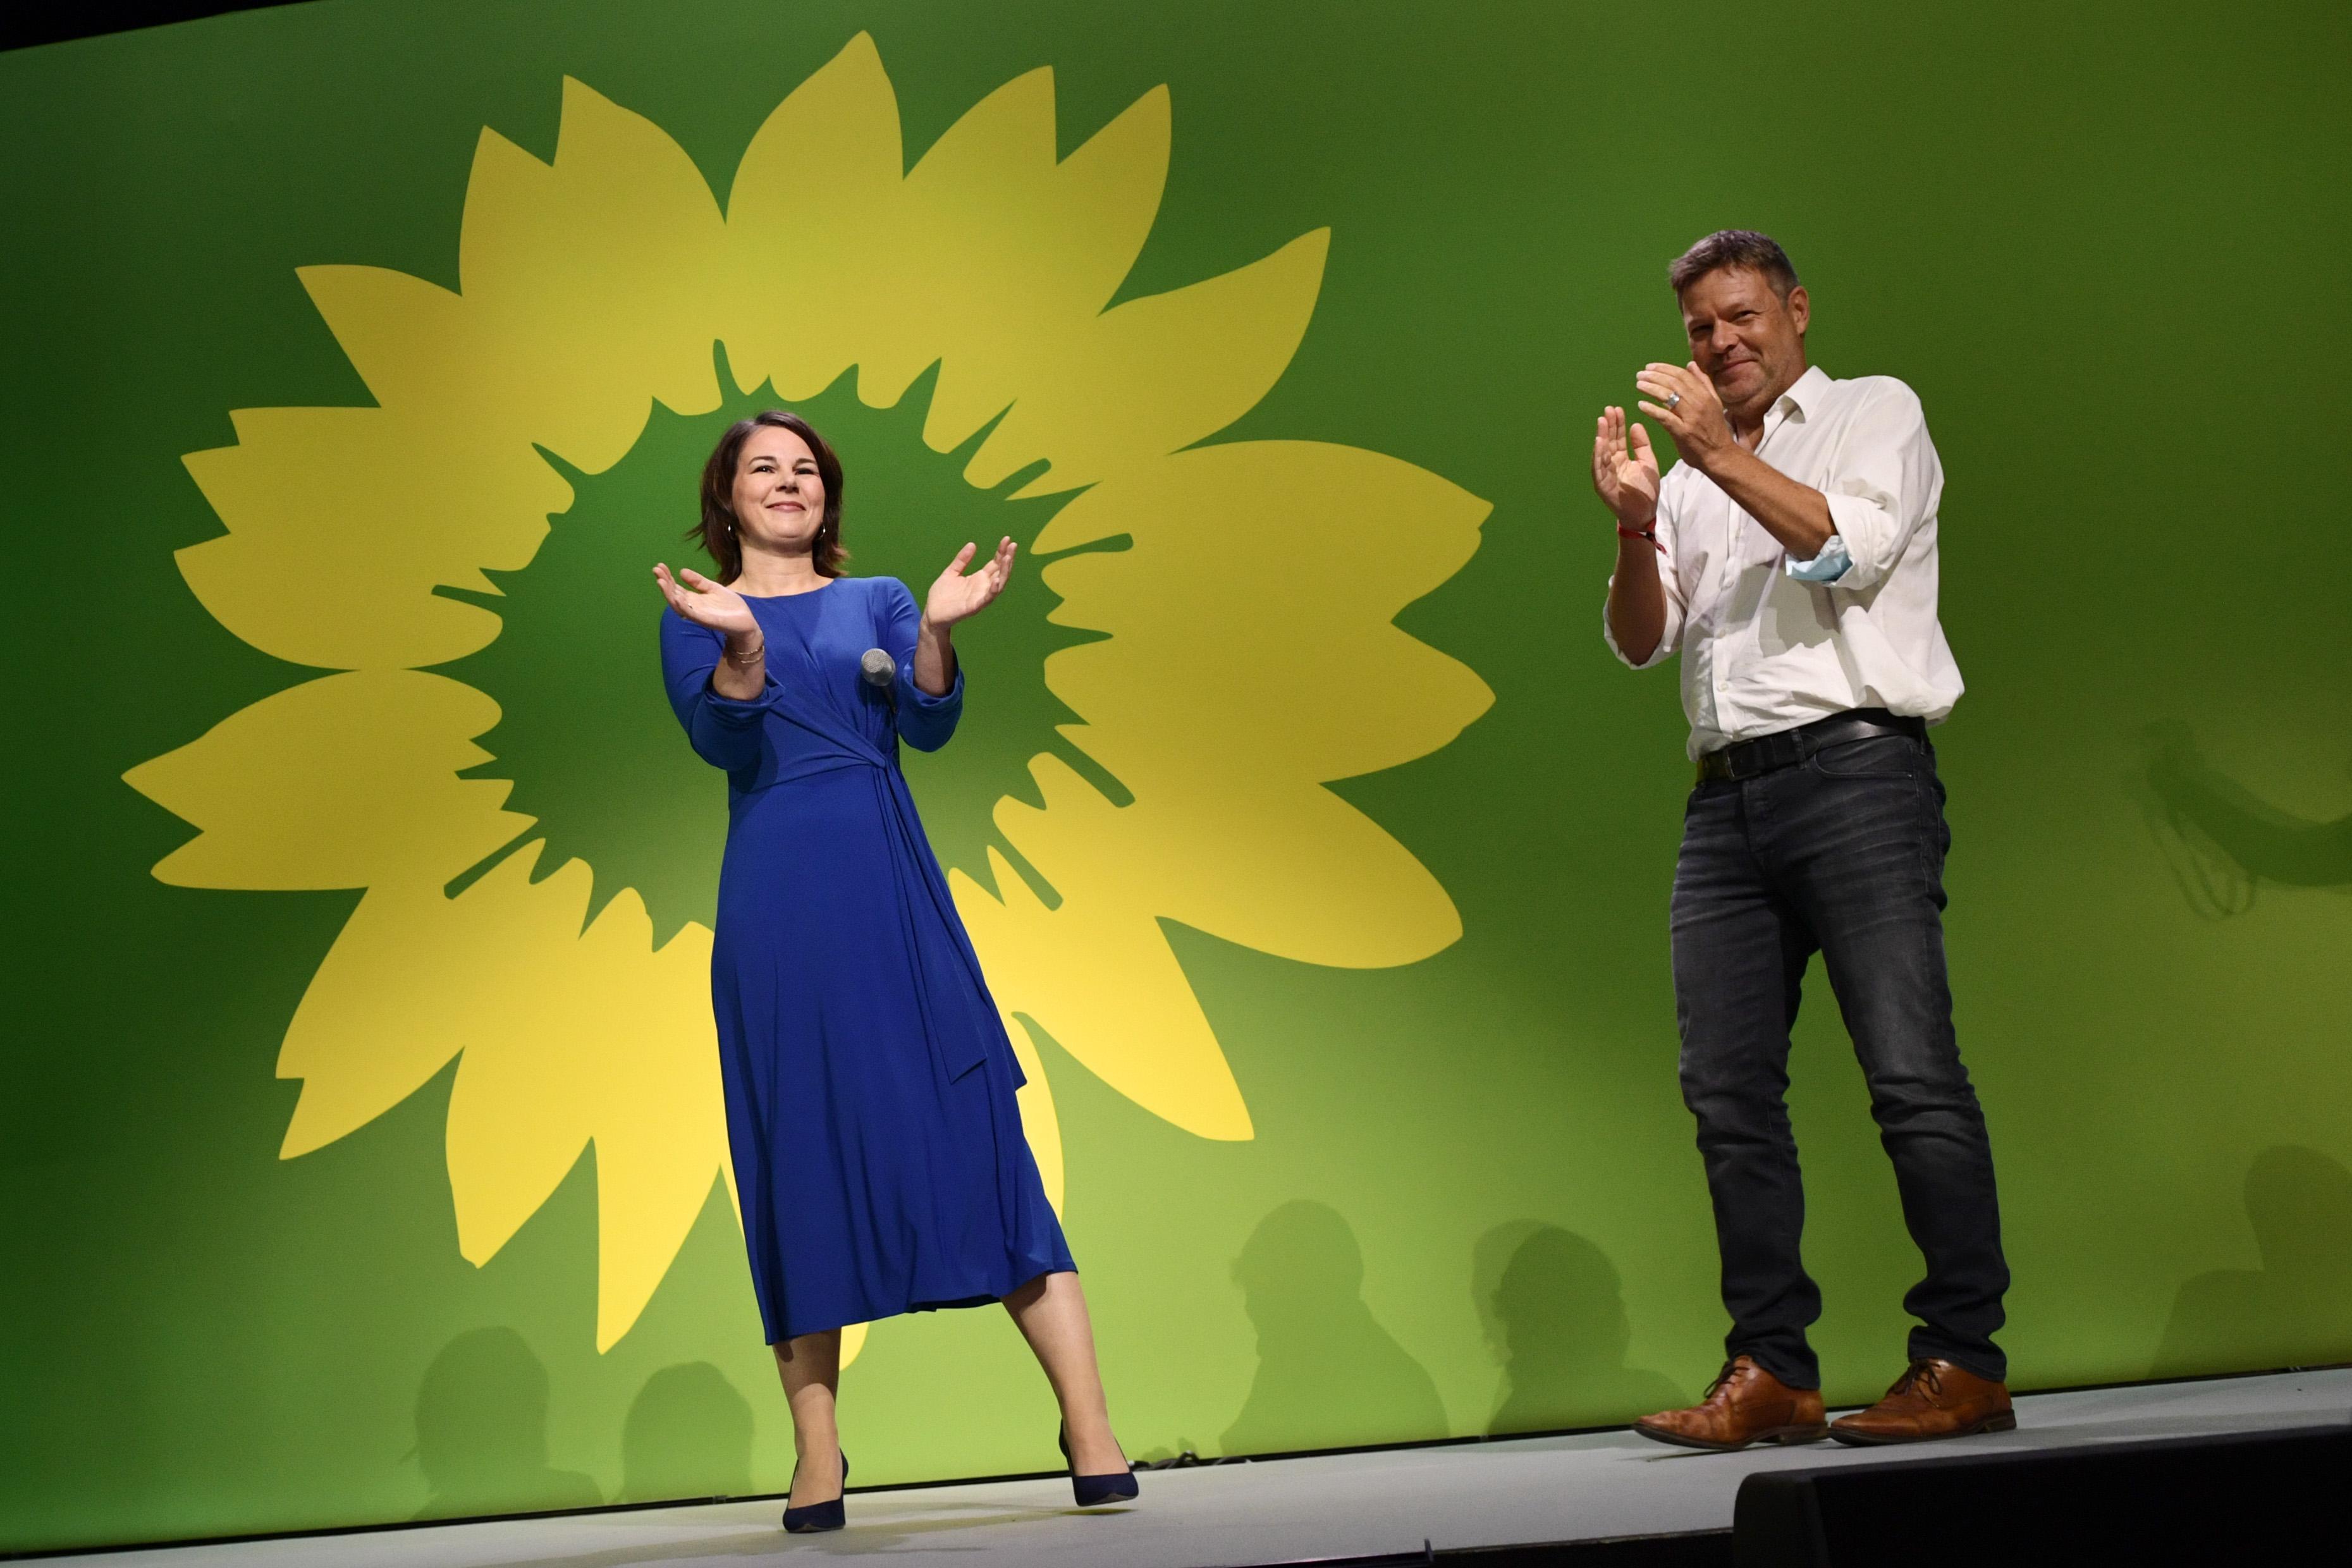 <p>Ankette, Yeşiller (Die Grünen) oyların yüzde 14.5'ini, Liberal Parti (FDP) yüzde 12'sini, Almanya için Alternatif Parti (AfD) yüzde 10'unu ve Sol Parti (Die Linke) yüzde 5'ini aldığı aktarıldı.</p>